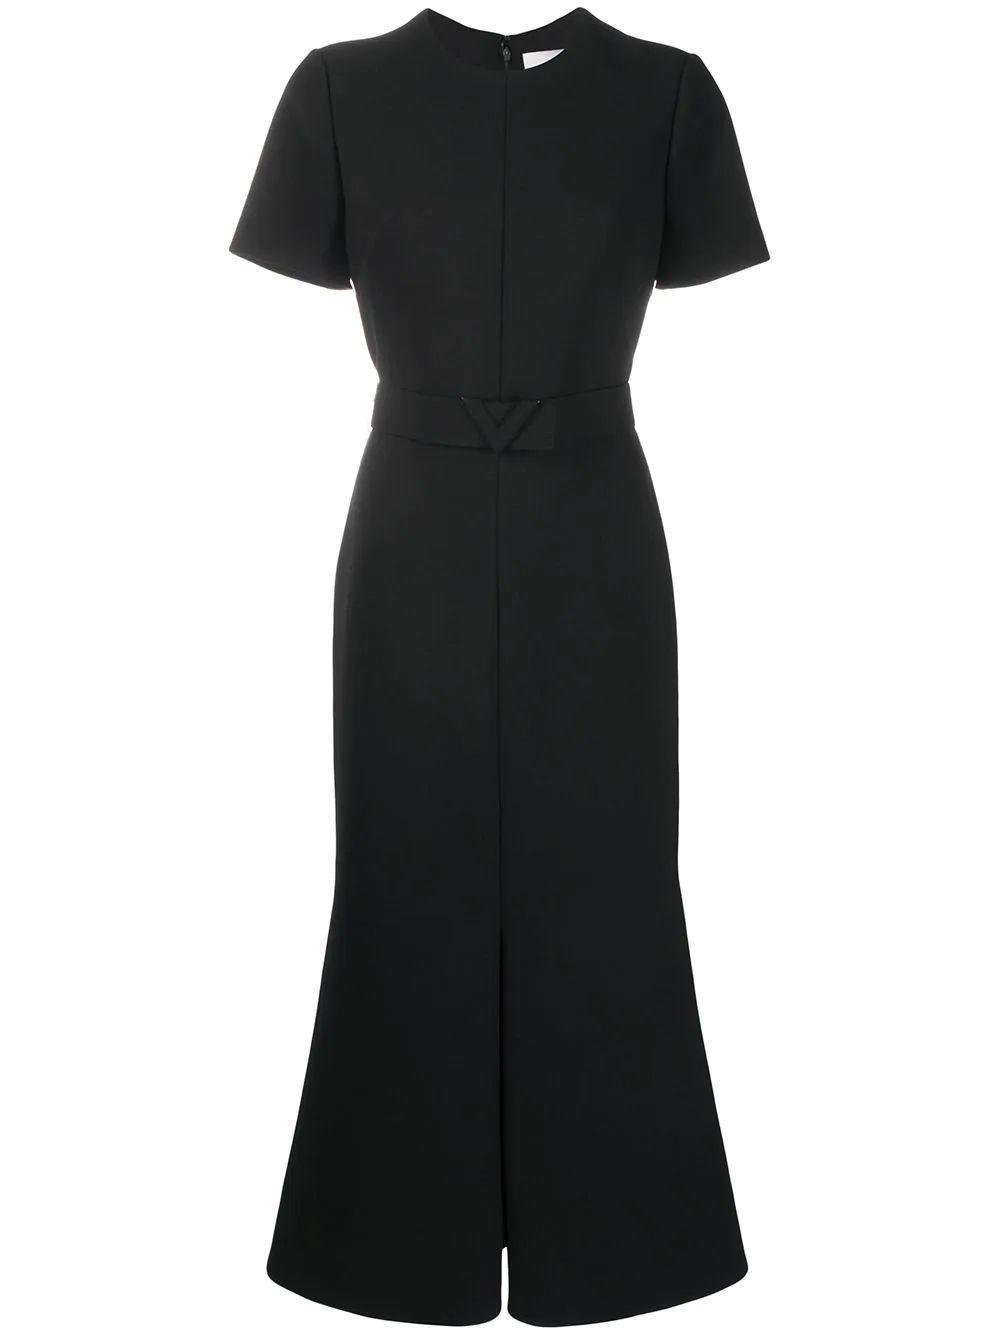 Short Sleeve Belted Midi Dress Item # UB3VAST05JN